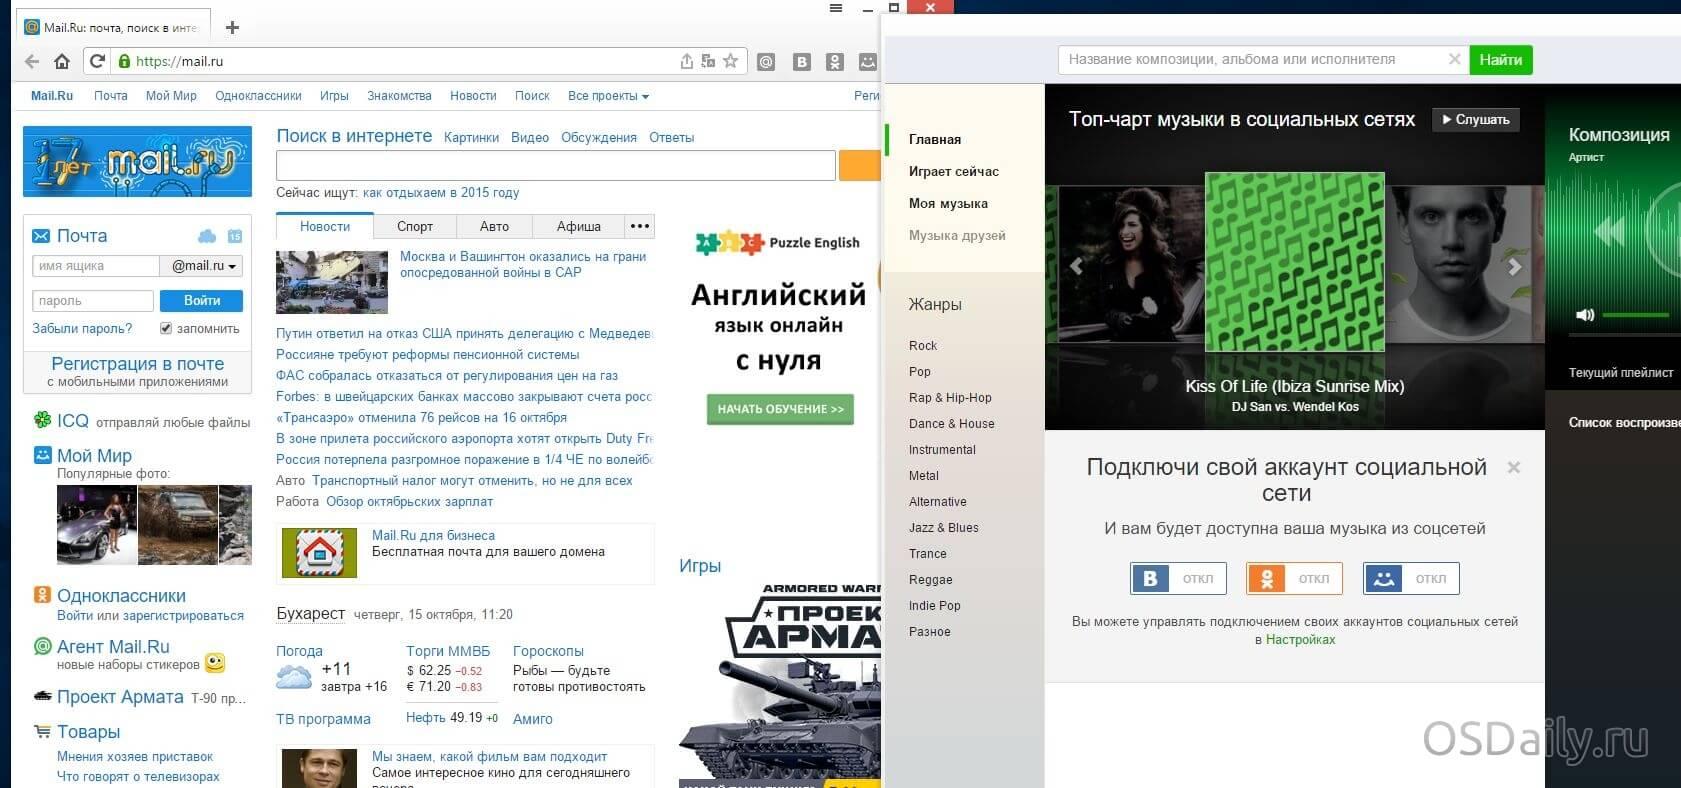 Как удалить браузер Amigo с Mail.ru с компьютера на Windows и macOS